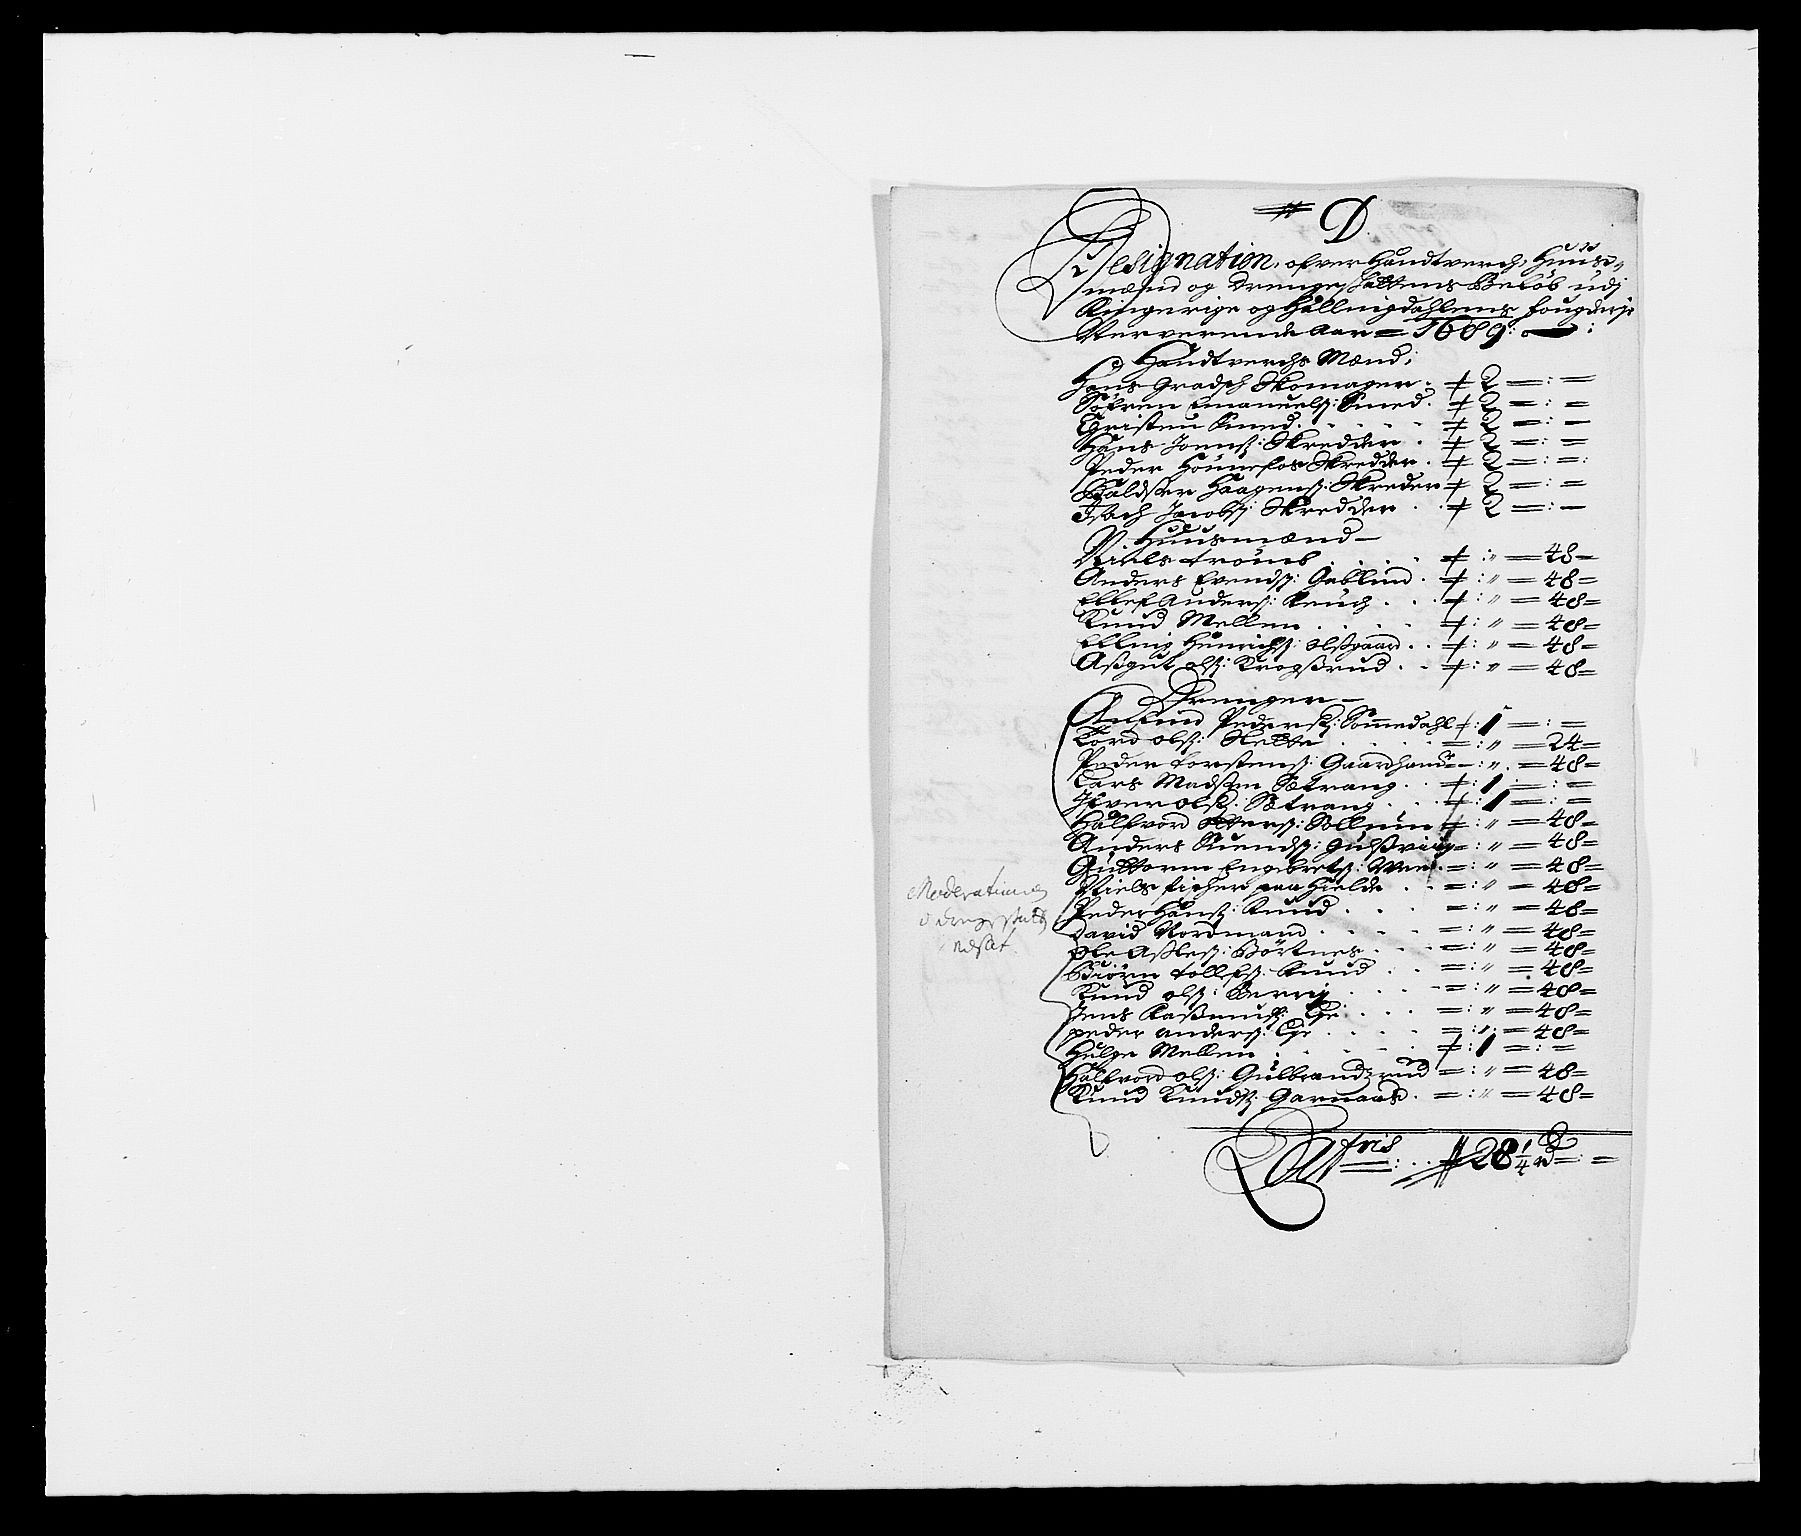 RA, Rentekammeret inntil 1814, Reviderte regnskaper, Fogderegnskap, R21/L1447: Fogderegnskap Ringerike og Hallingdal, 1687-1689, s. 303